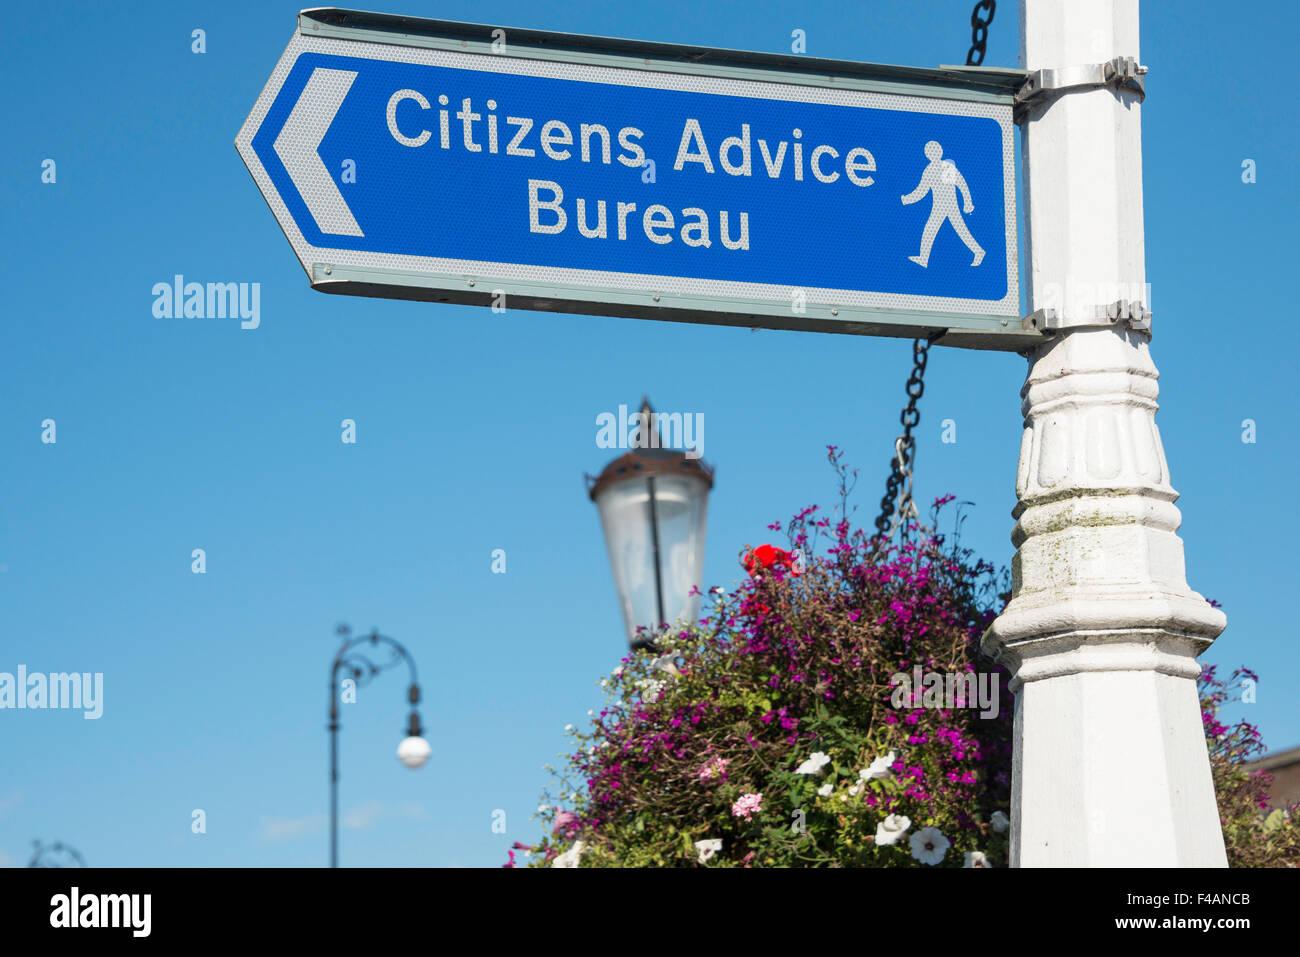 Le Bureau de conseil aux citoyens signe, Tonbridge Road, Tonbridge, Kent, Angleterre, Royaume-Uni Photo Stock